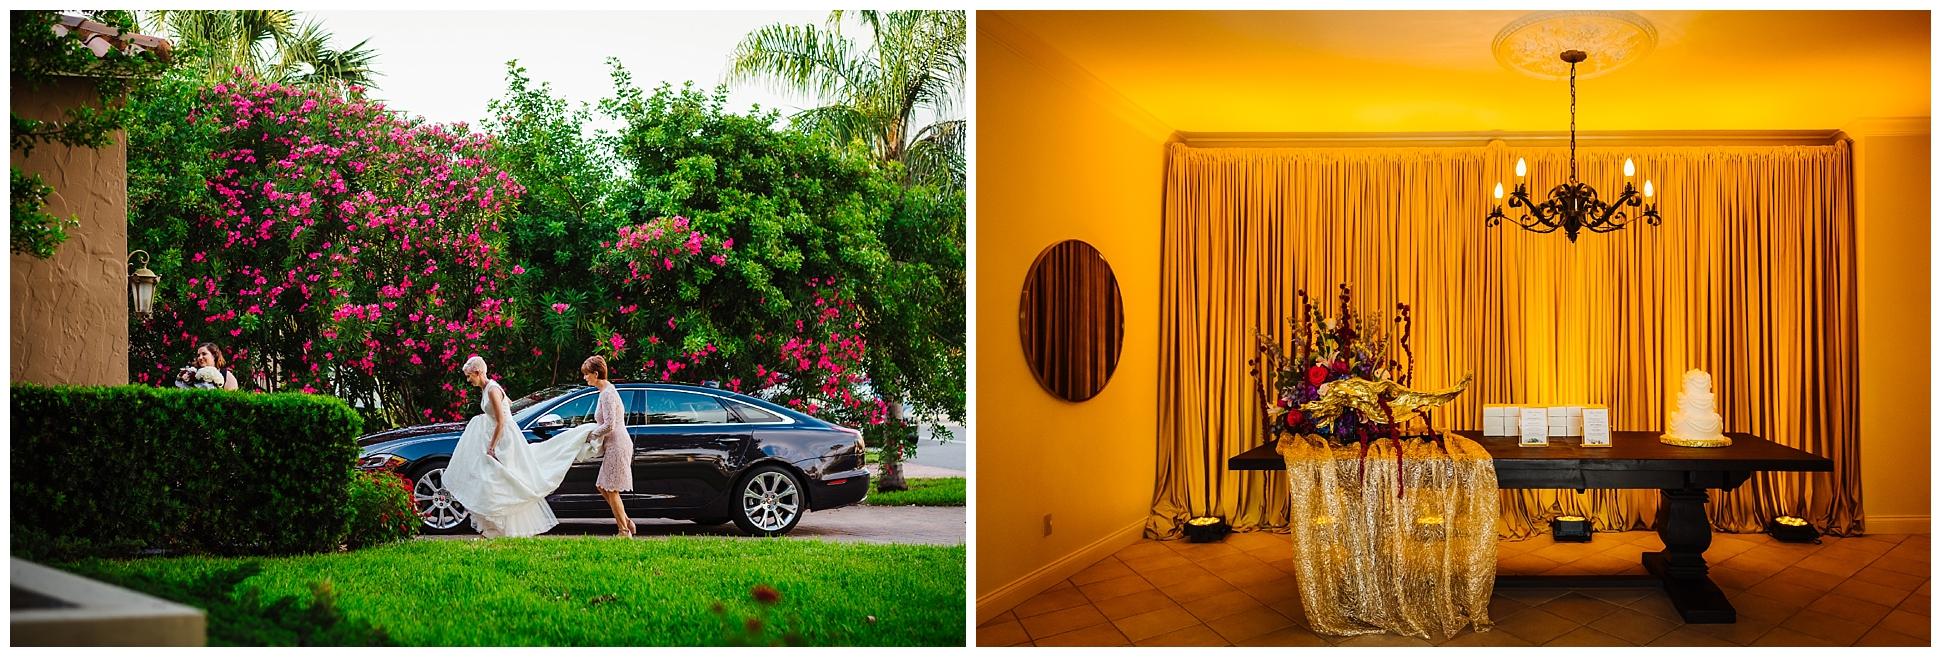 tierra-verde-st-pete-florida-home-luxury-wedding-greenery-pink-pixie-bride_0040.jpg